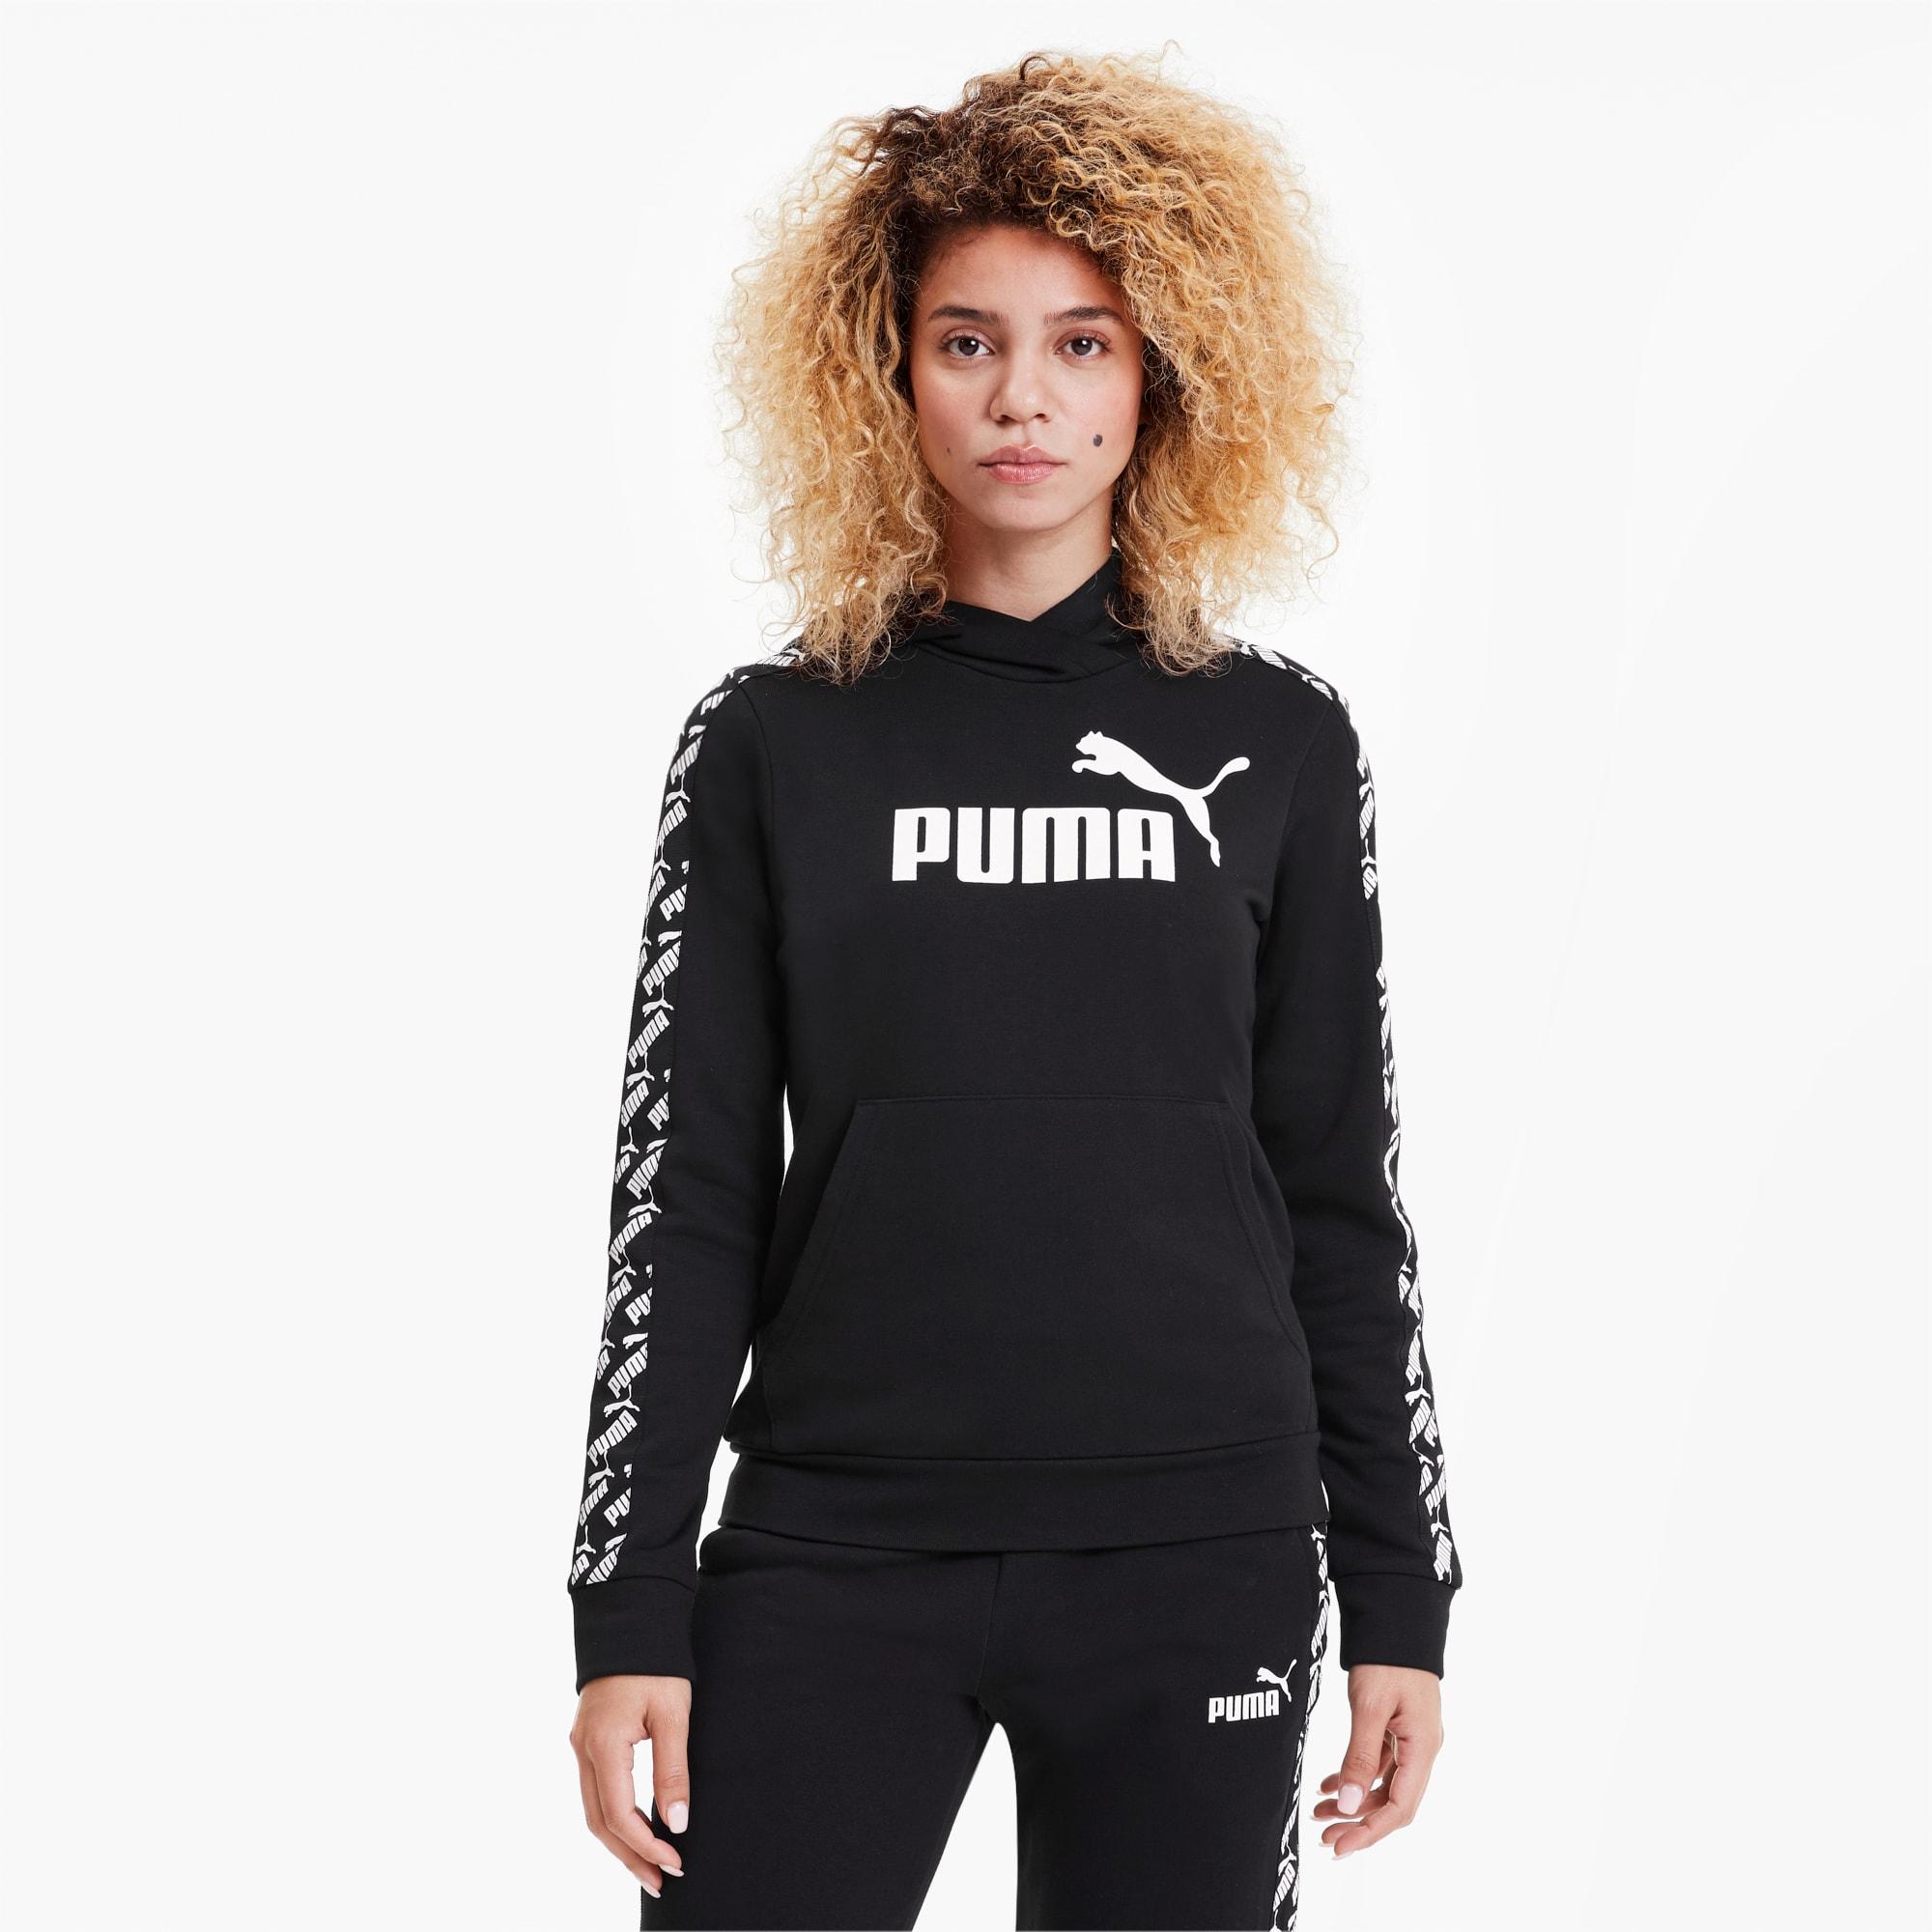 Image of PUMA Amplified Damen Hoodie | Mit Aucun | Schwarz | Größe: L